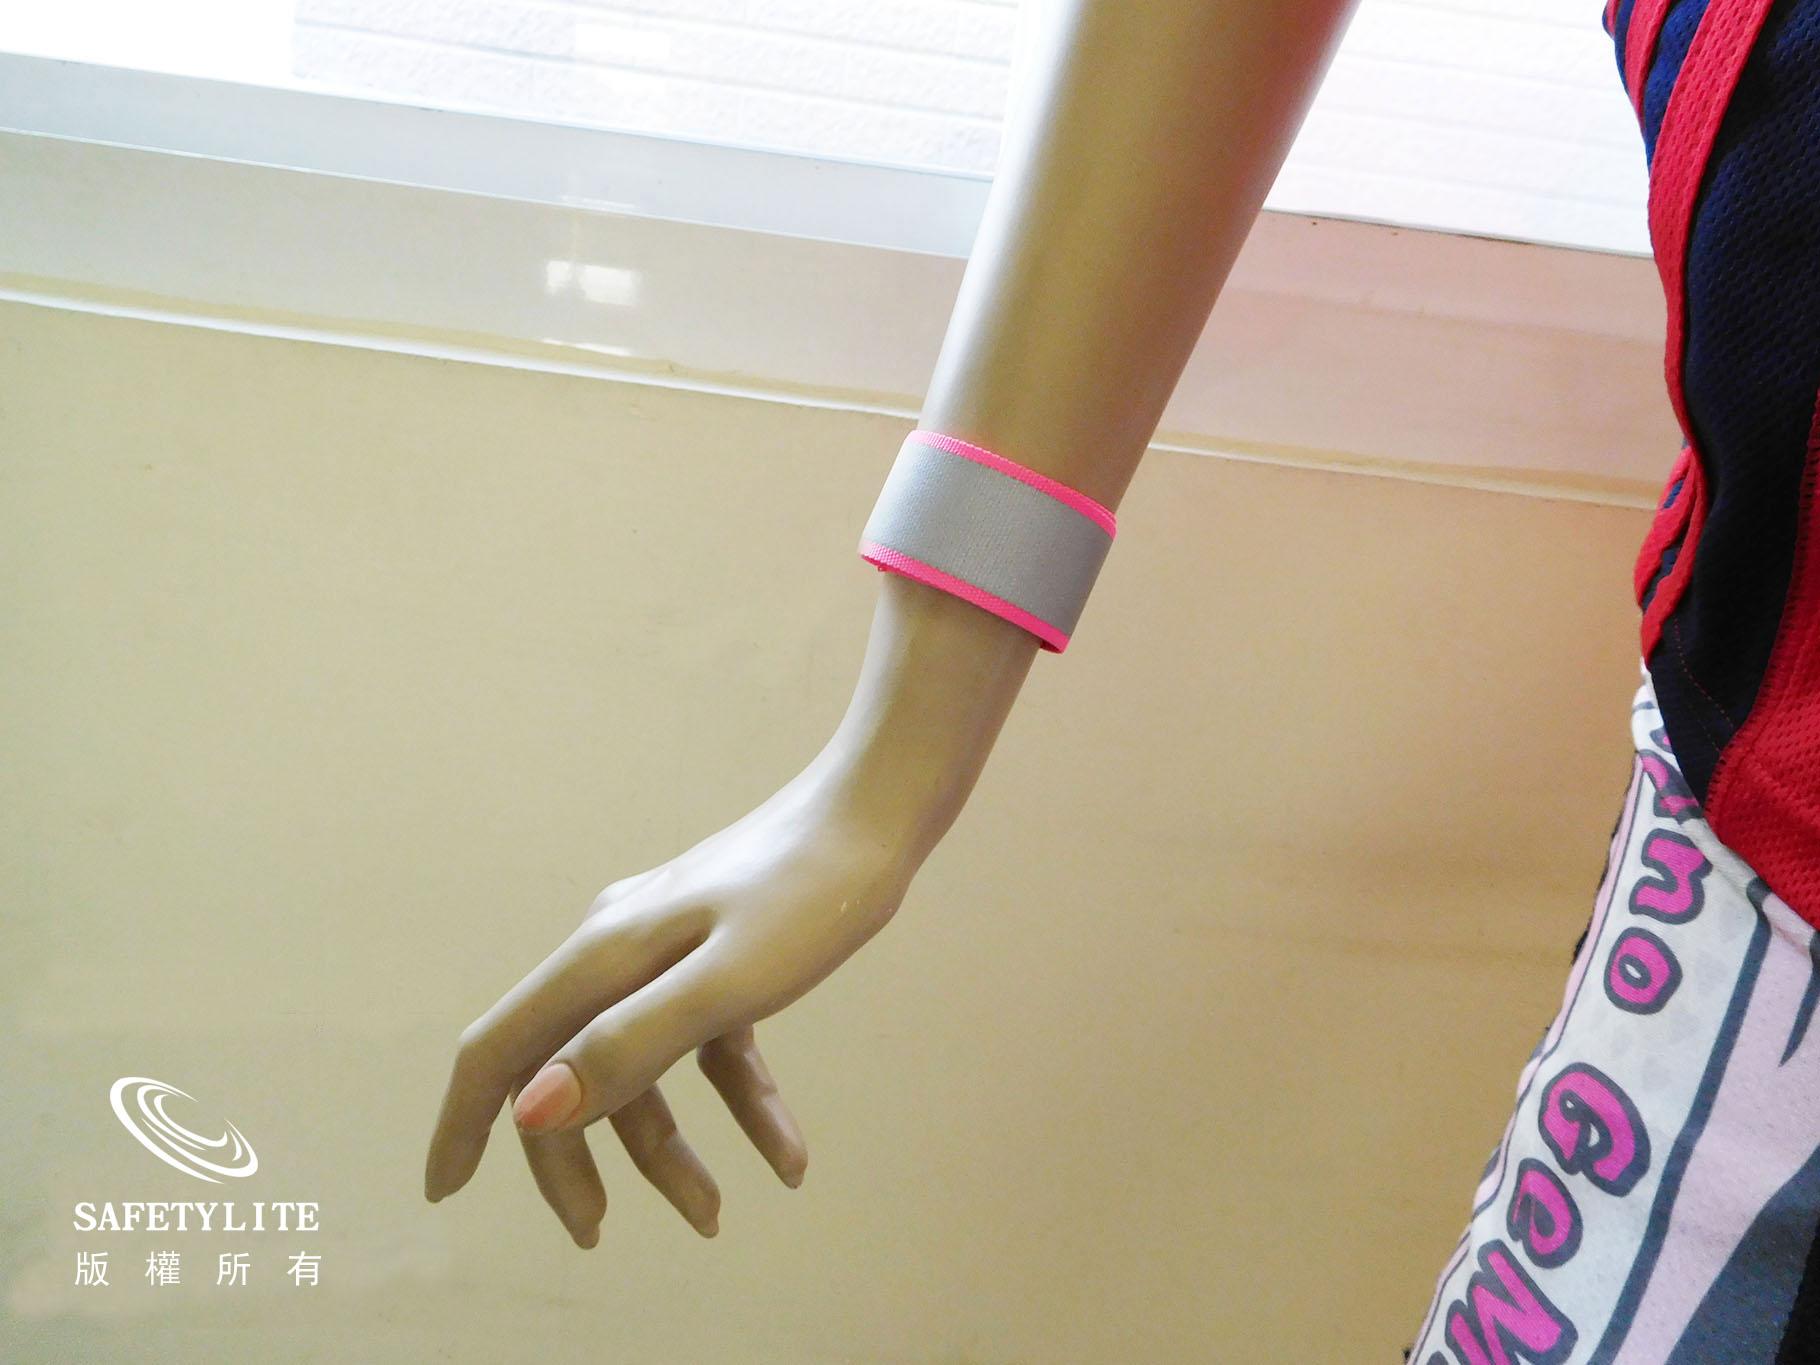 【safetylite安心生活館】《滿額免運.贈禮.加line折百》一拍即合反光織帶手腕帶/迷人閃耀/男女皆適合/街跑百搭-3M Scotchlite™